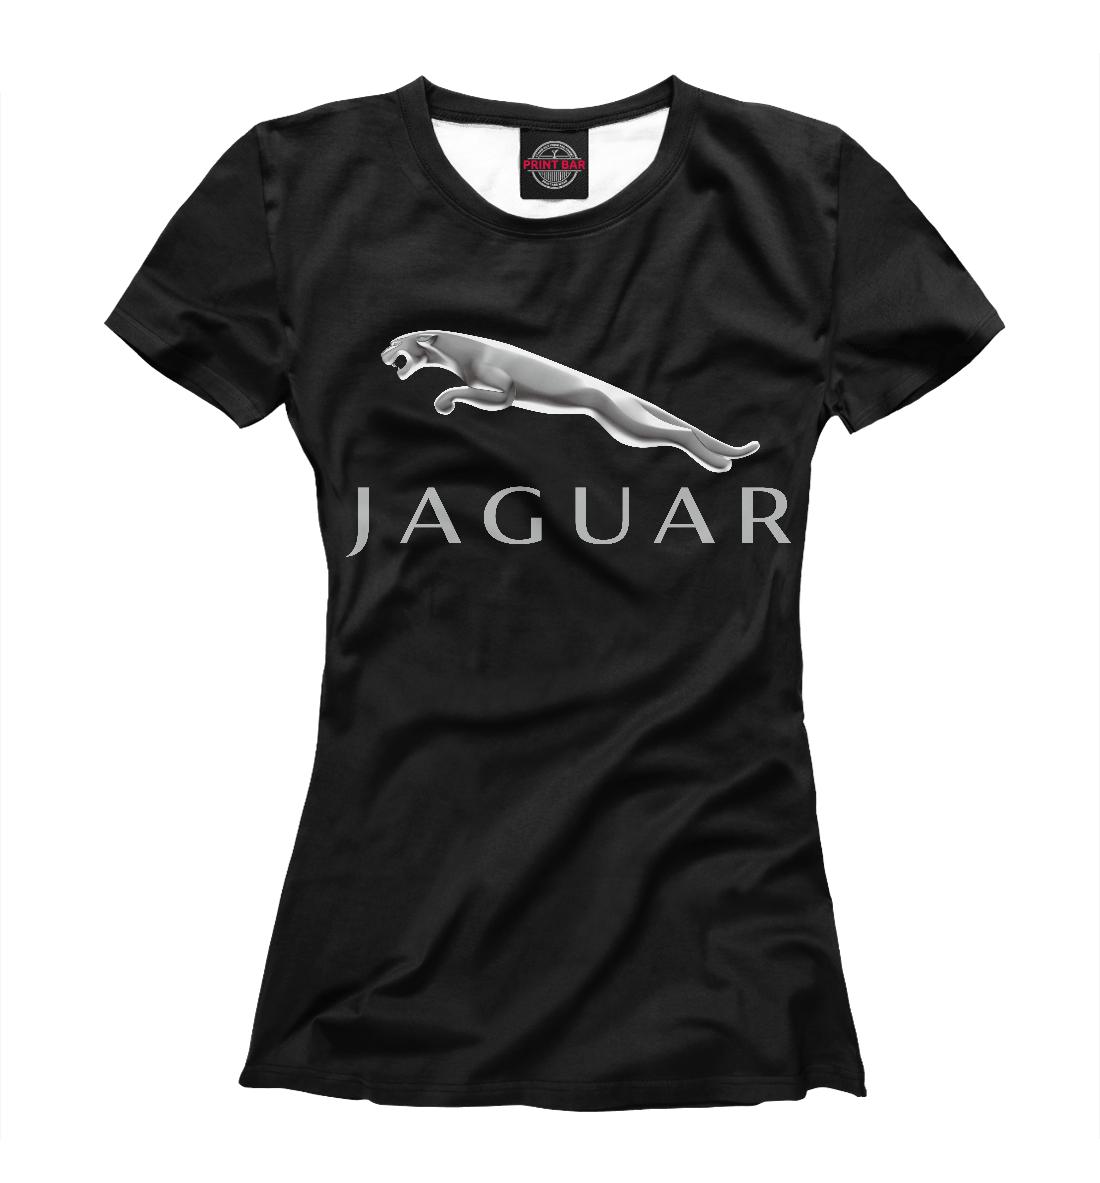 Jaguar Premium